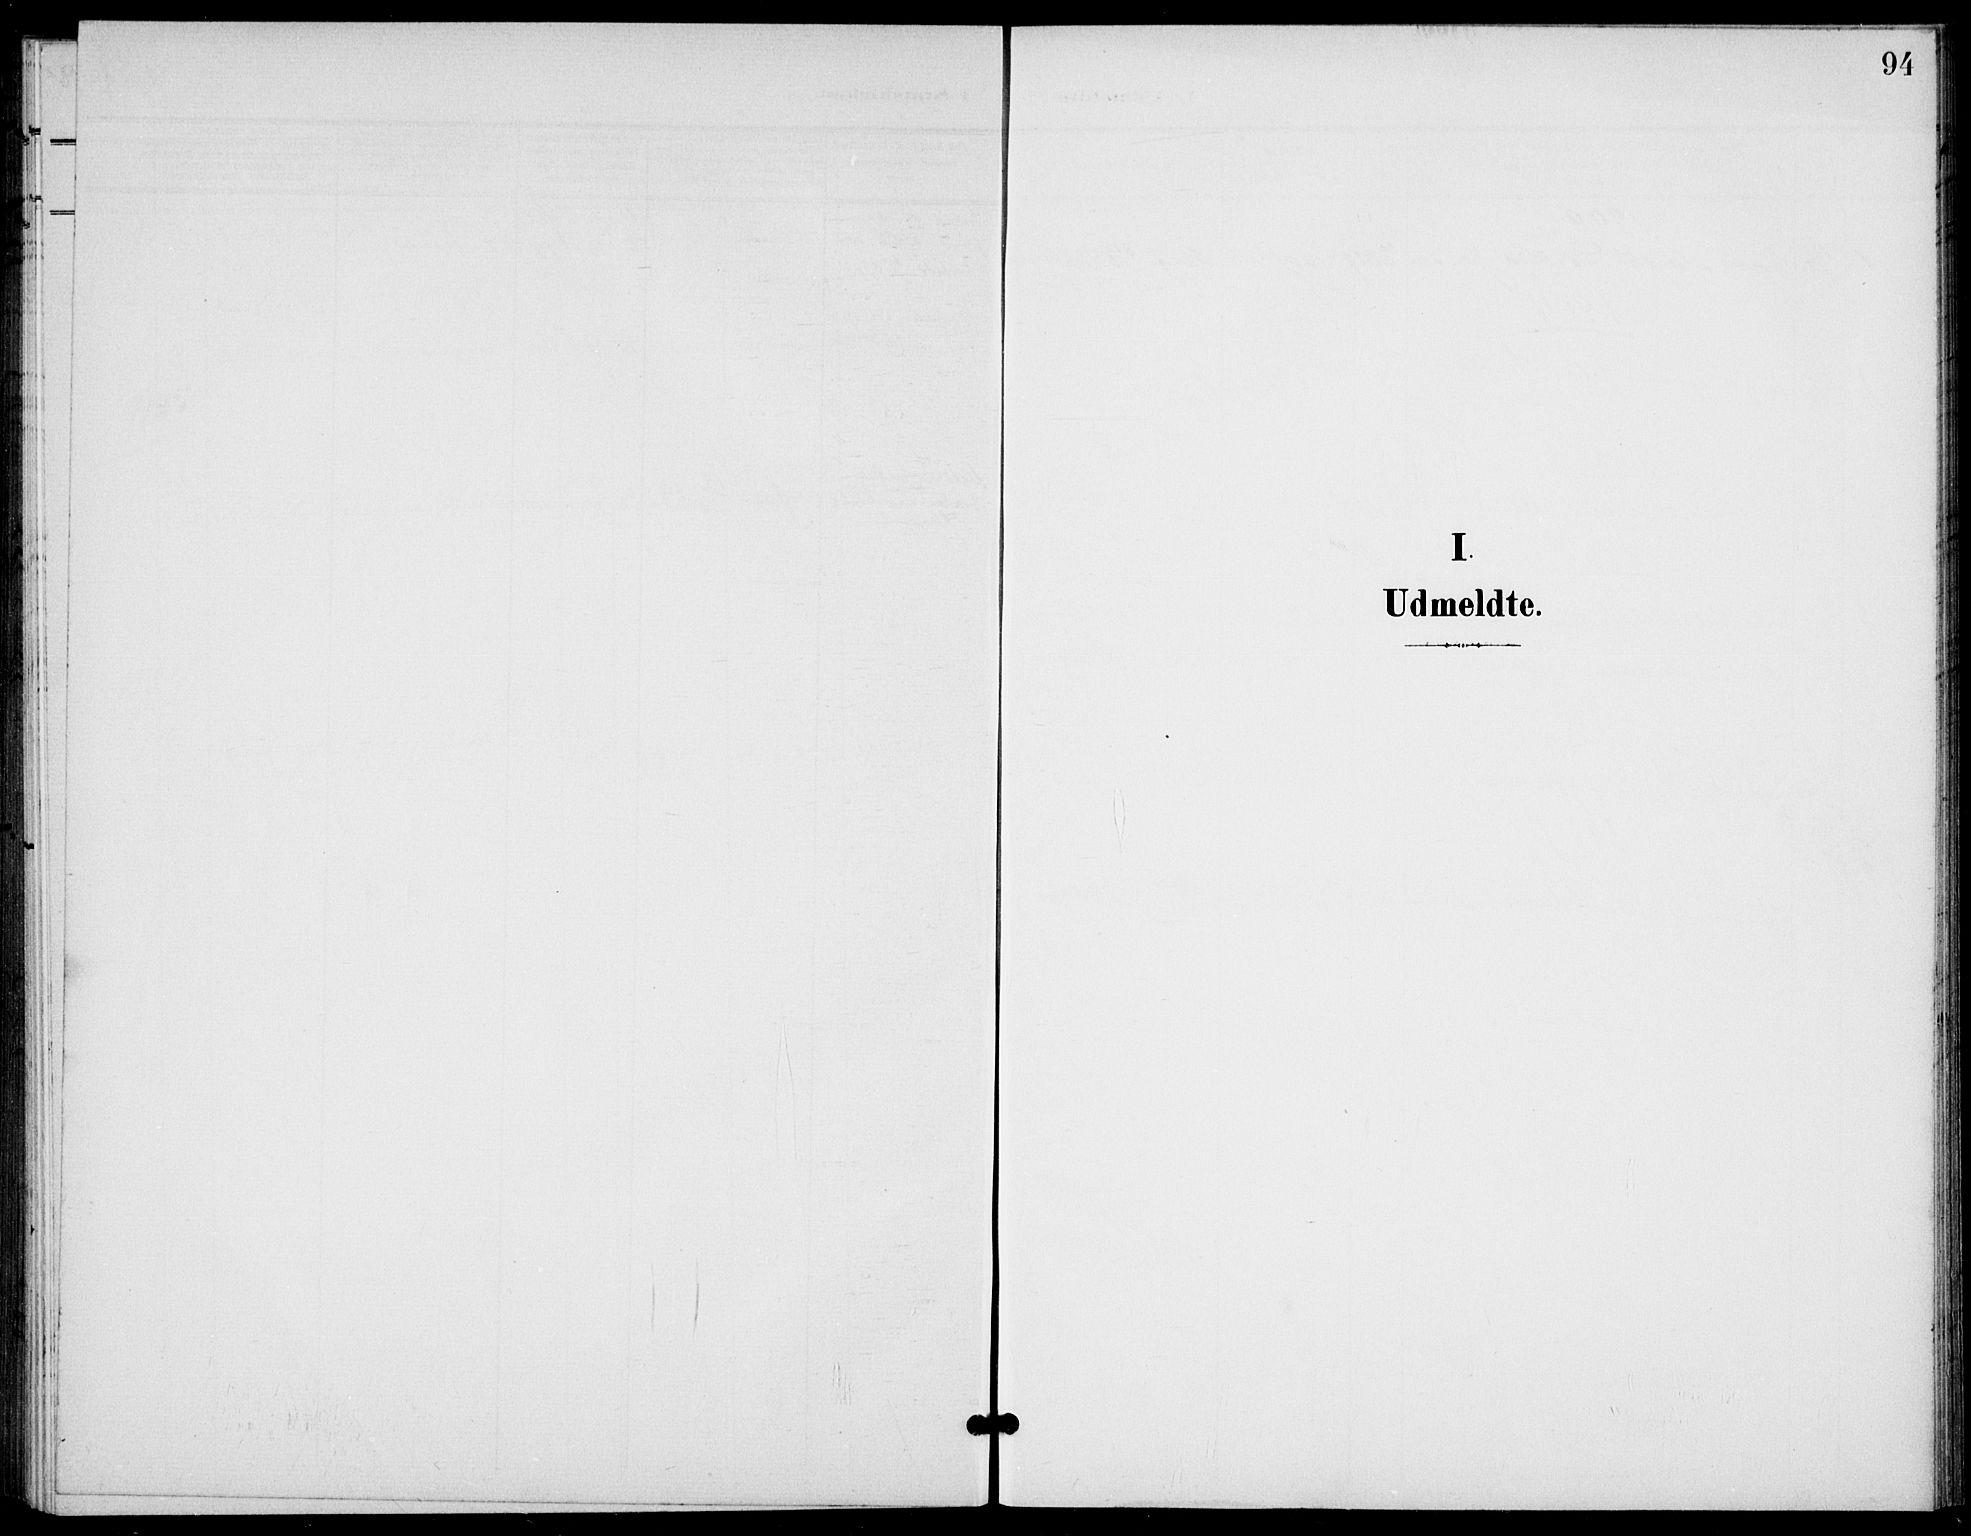 SAKO, Bamble kirkebøker, G/Gb/L0002: Klokkerbok nr. II 2, 1900-1925, s. 94